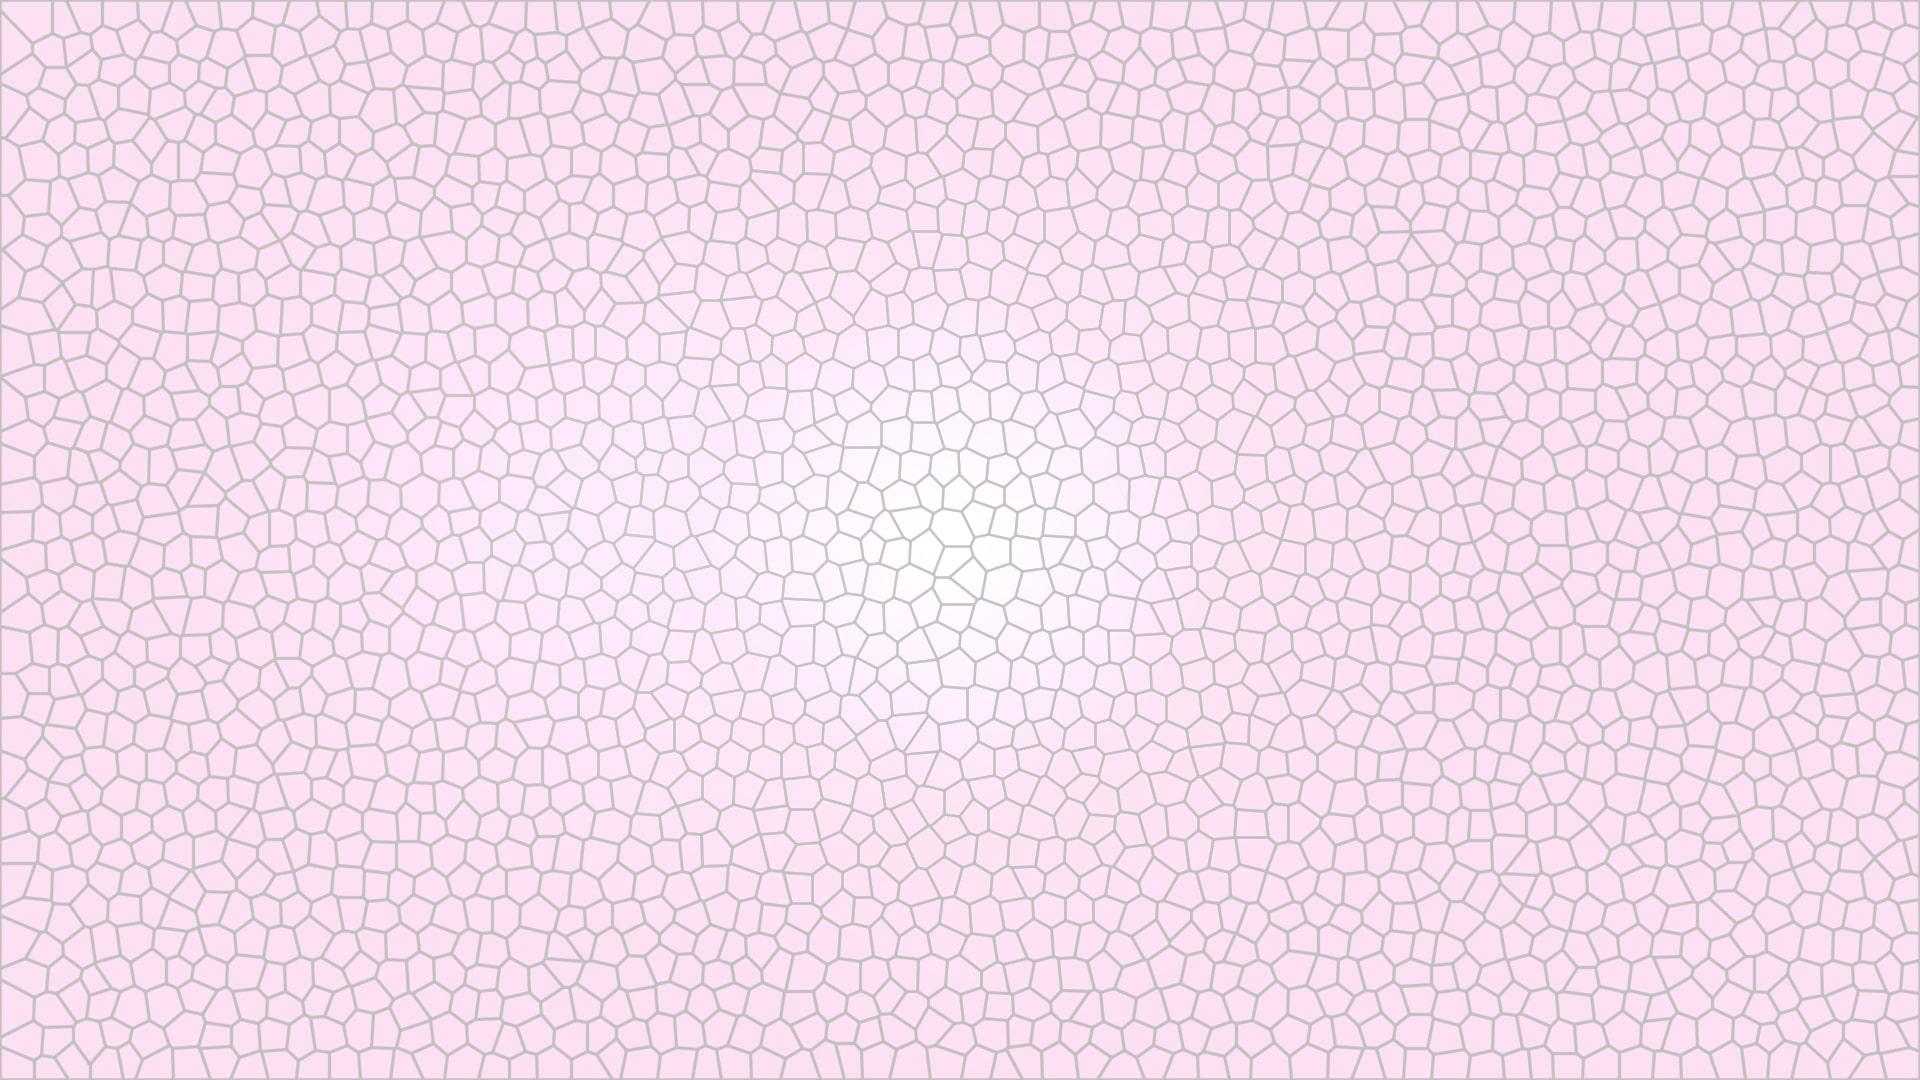 ステンドグラス壁紙背景画像_pink